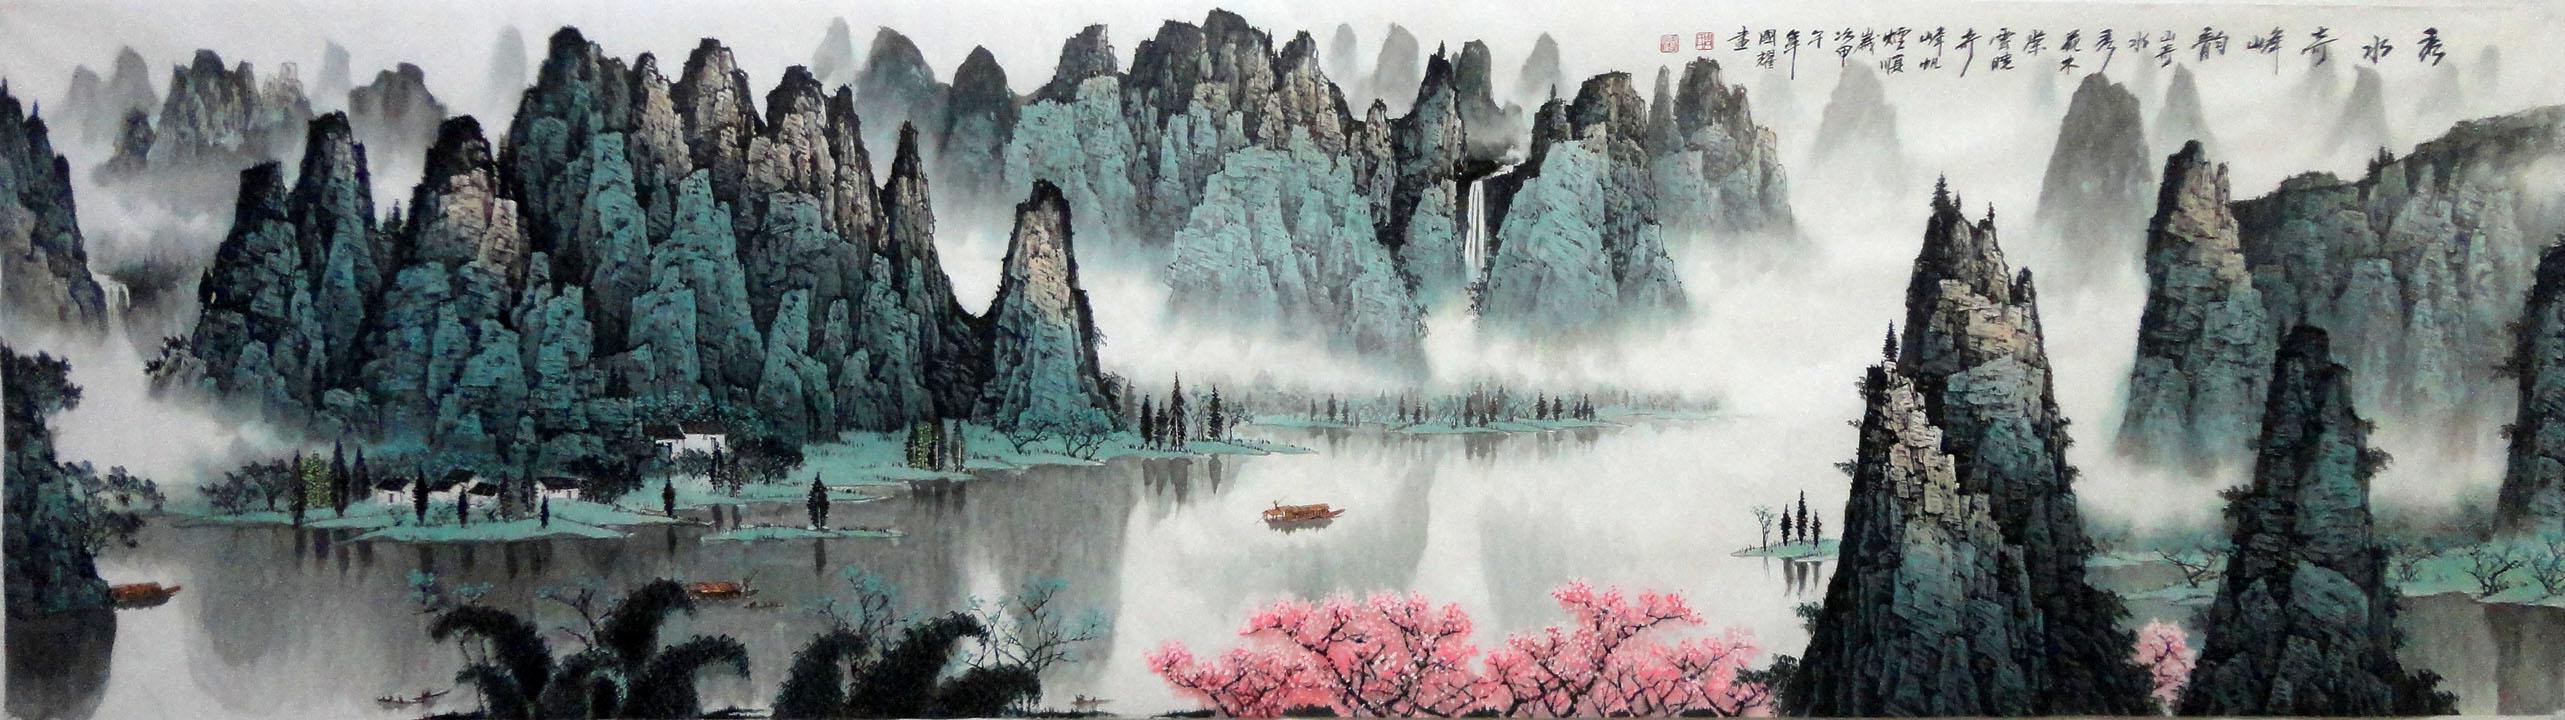 小丈二国画办公室山水画名家周国耀手绘真迹风水画装饰画字画